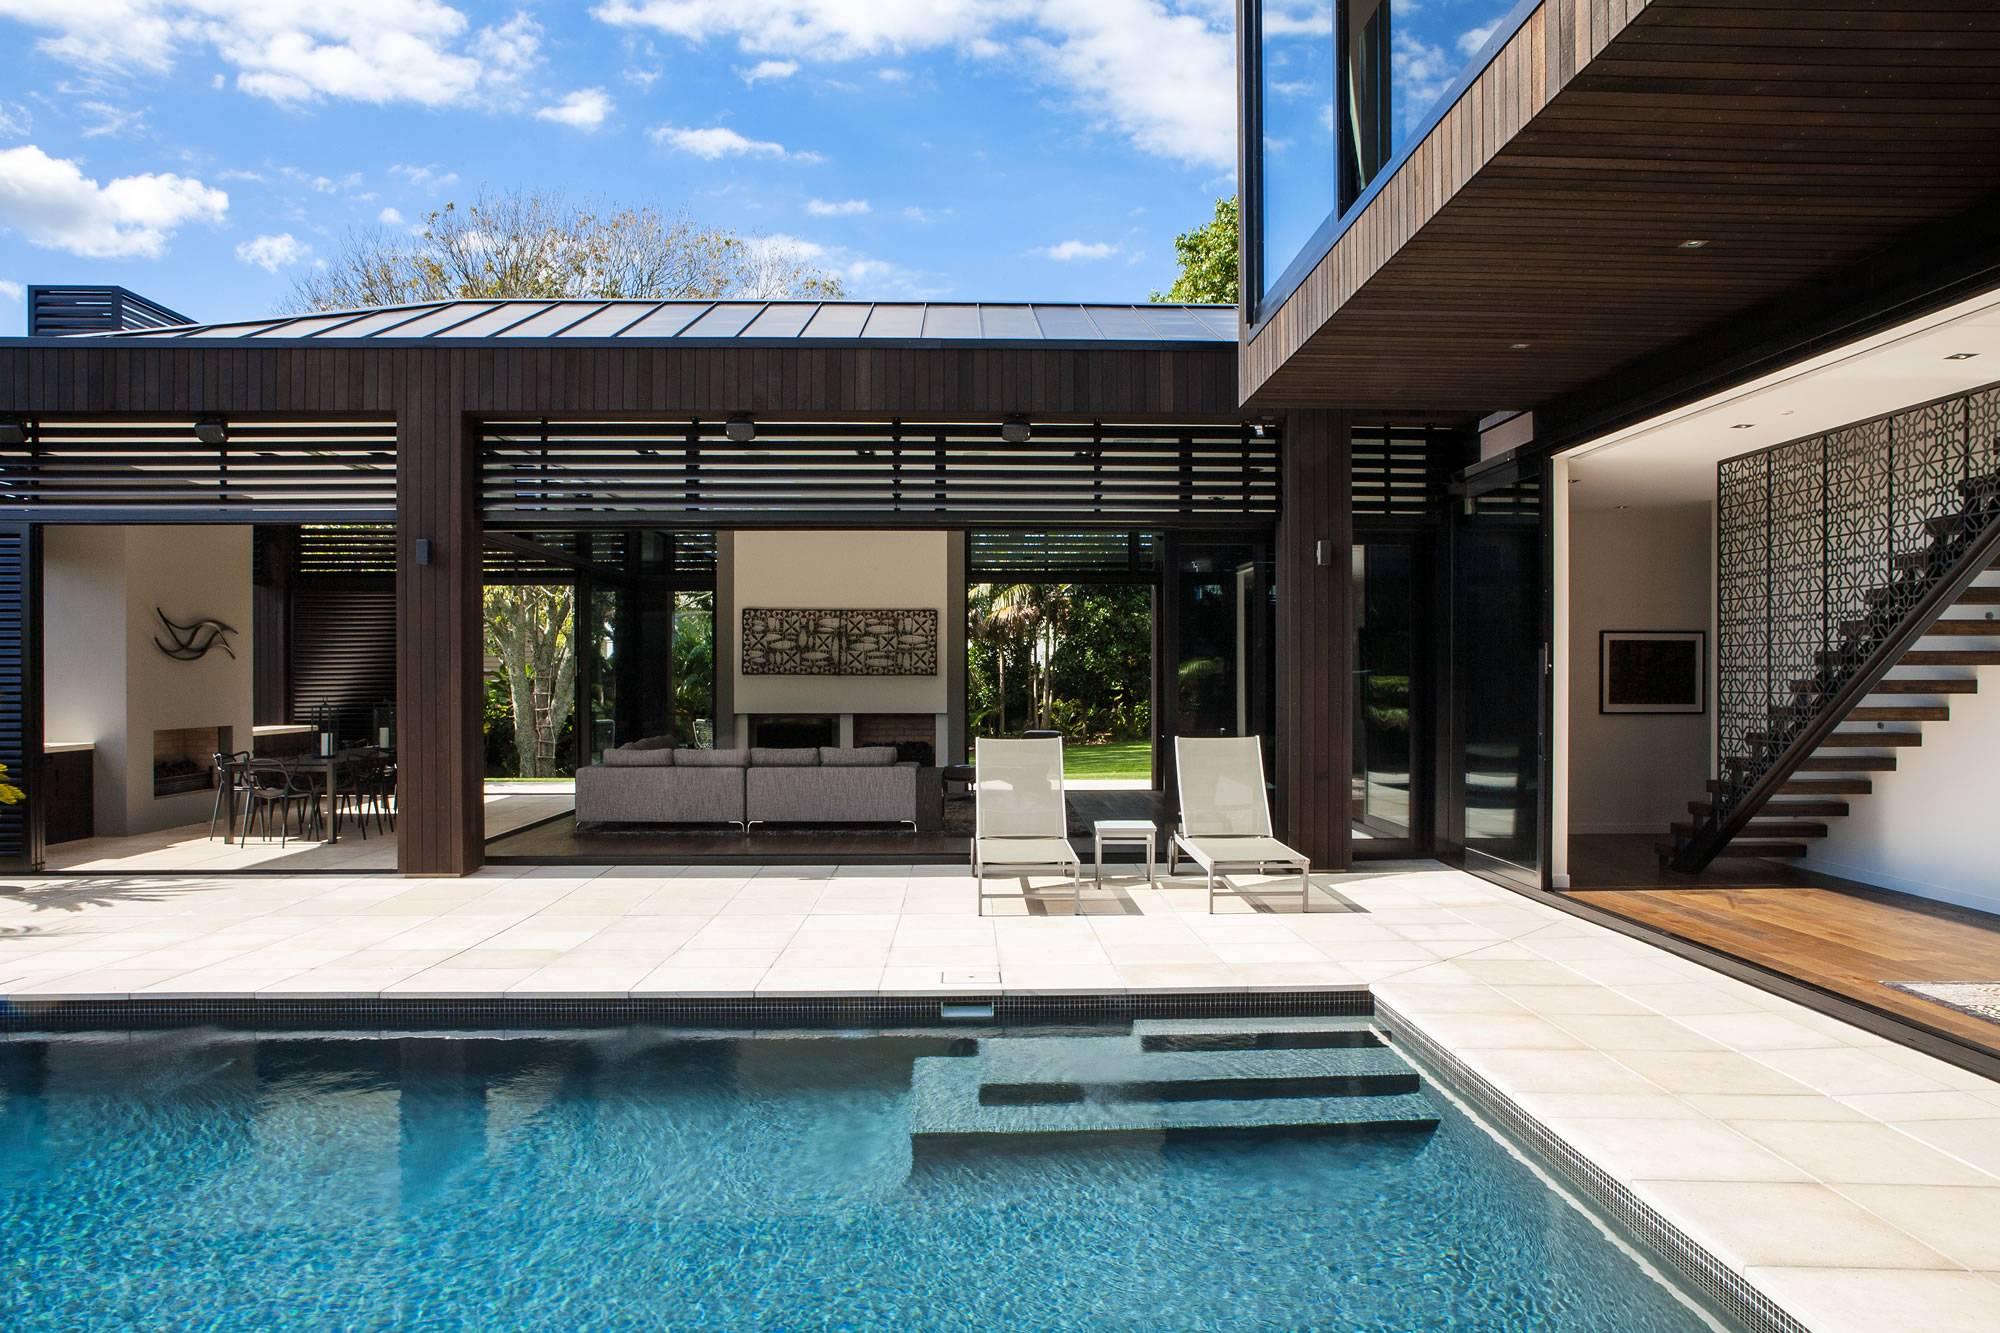 House Plans With Pools house plans with pools and outdoor kitchens part - 33: outdoor